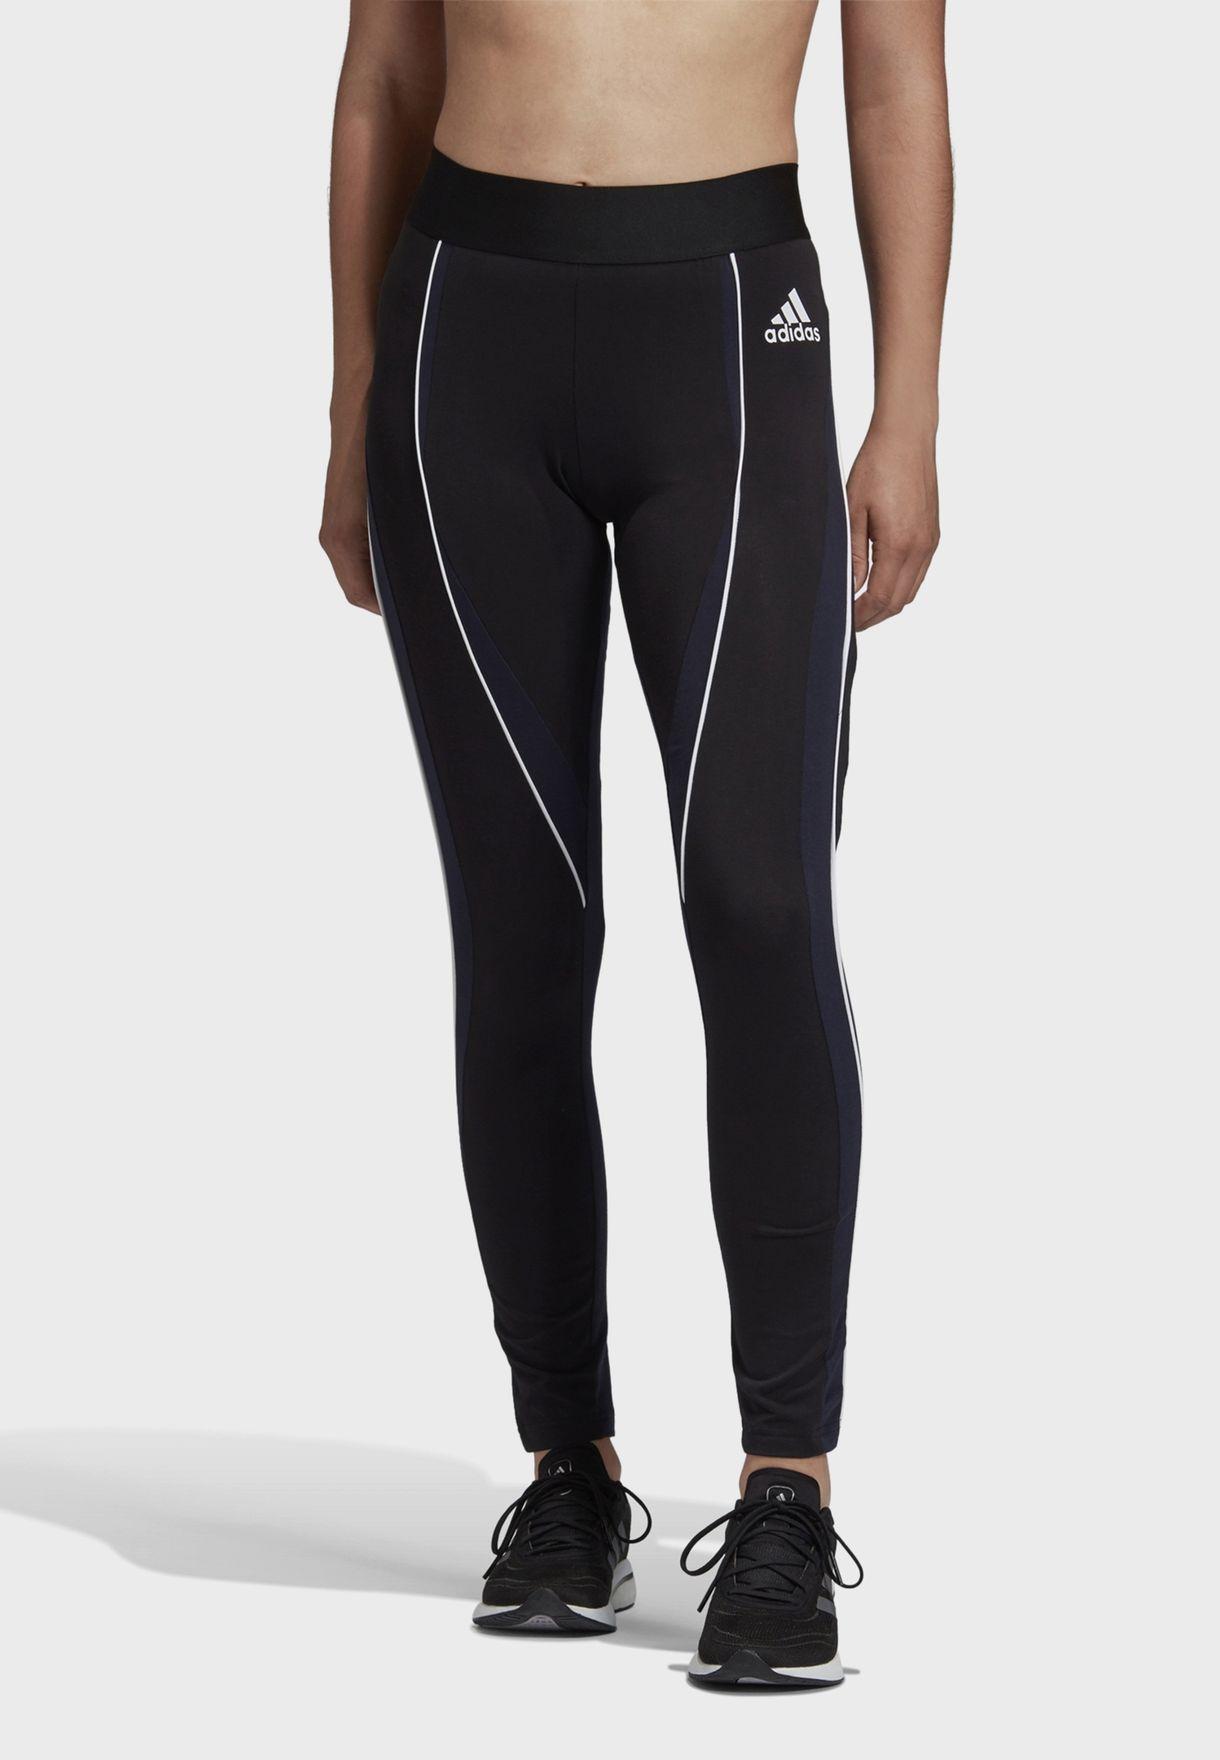 Sportswear Sports Women's Leggings